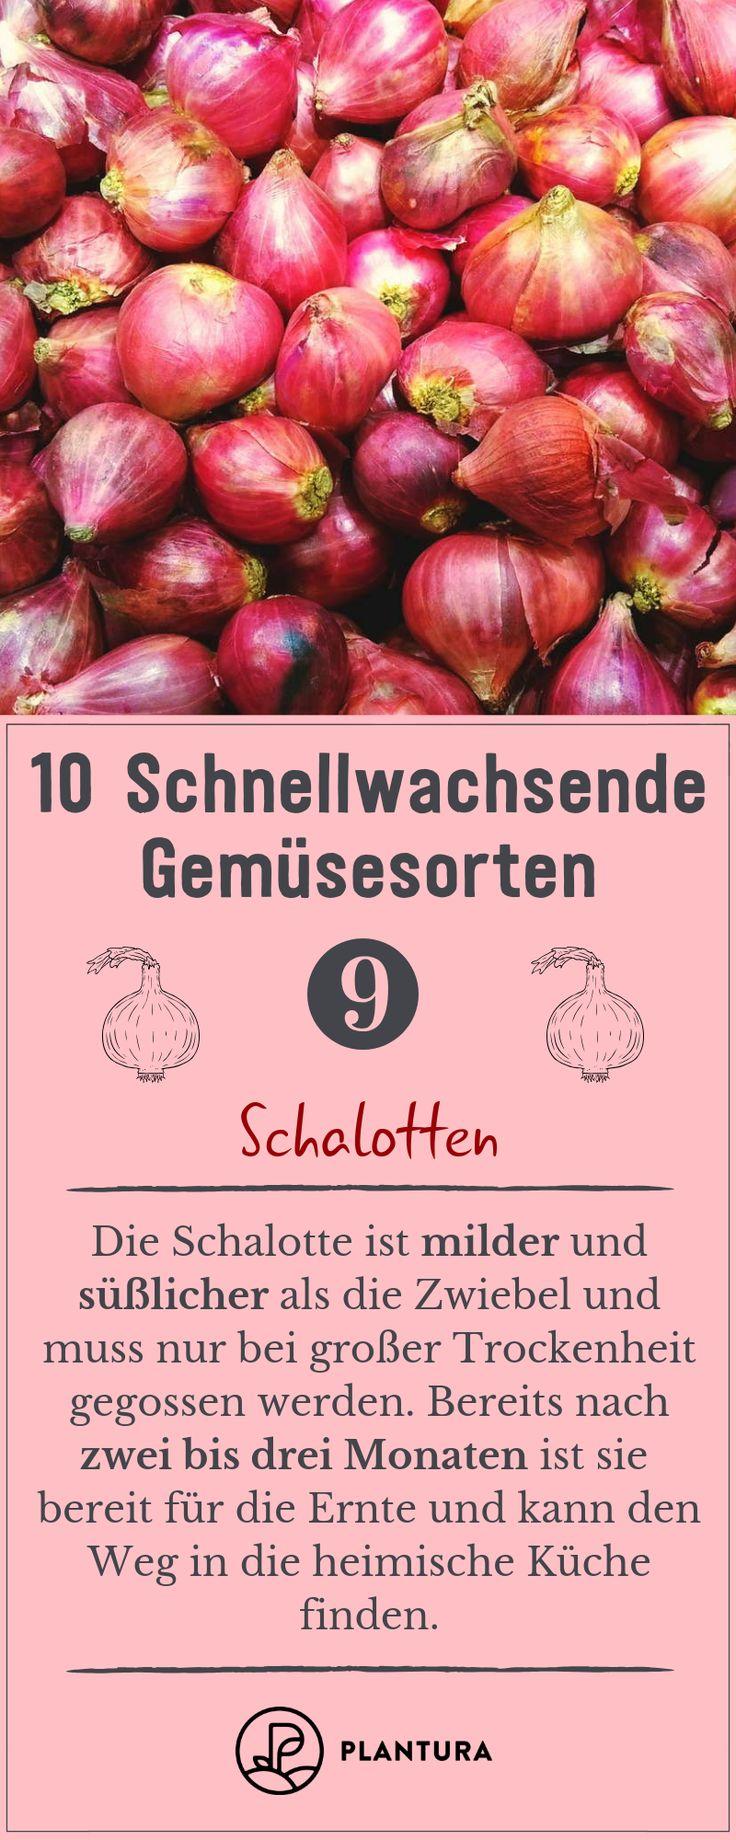 10 schnellwachsende Gemüsesorten – Lela Trültzsch-Klink